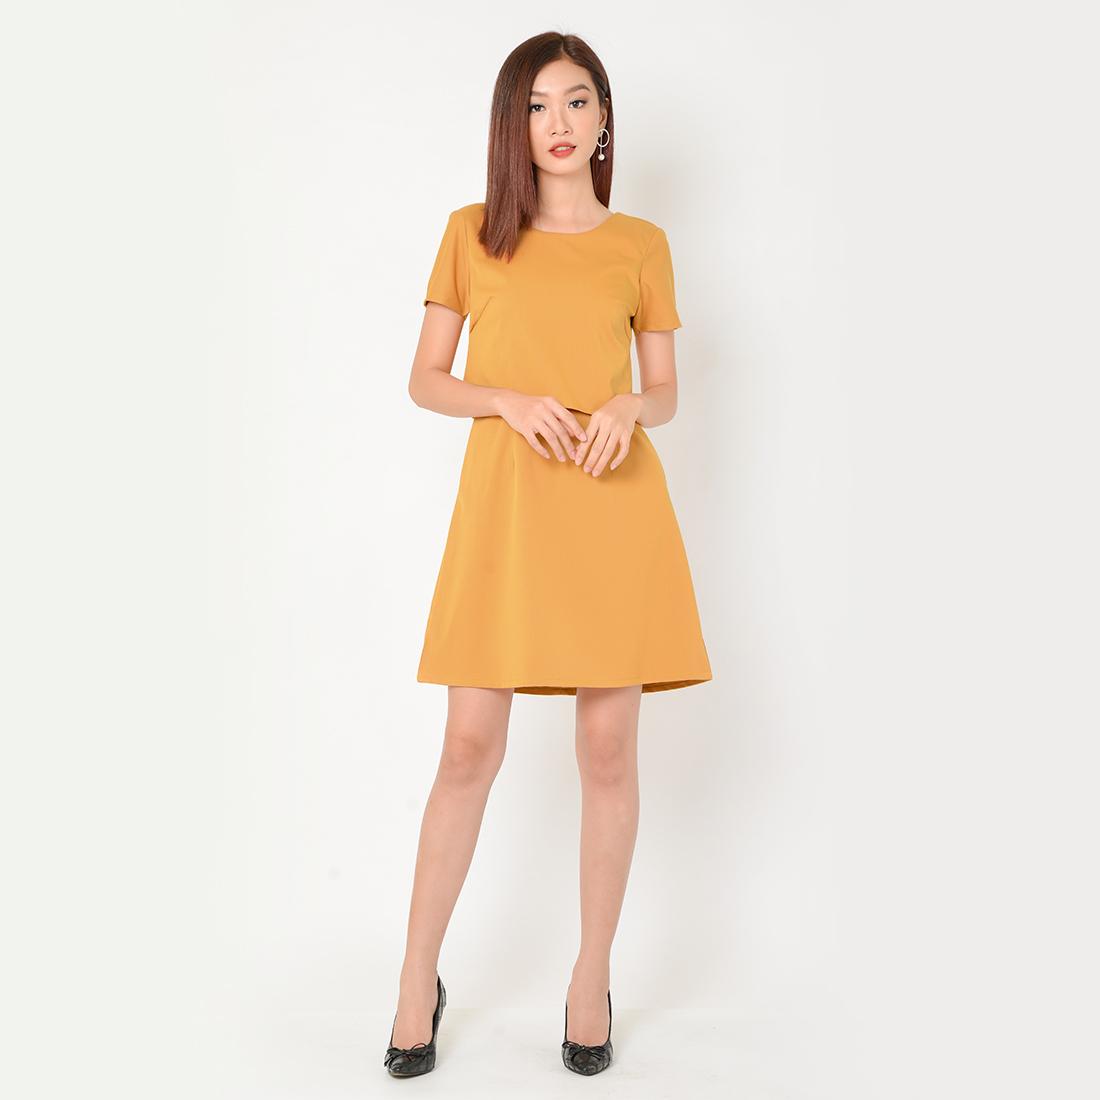 Đầm Suông Công Sở Thời Trang Eden Phối Áo Croptop - D333 - Màu vàng